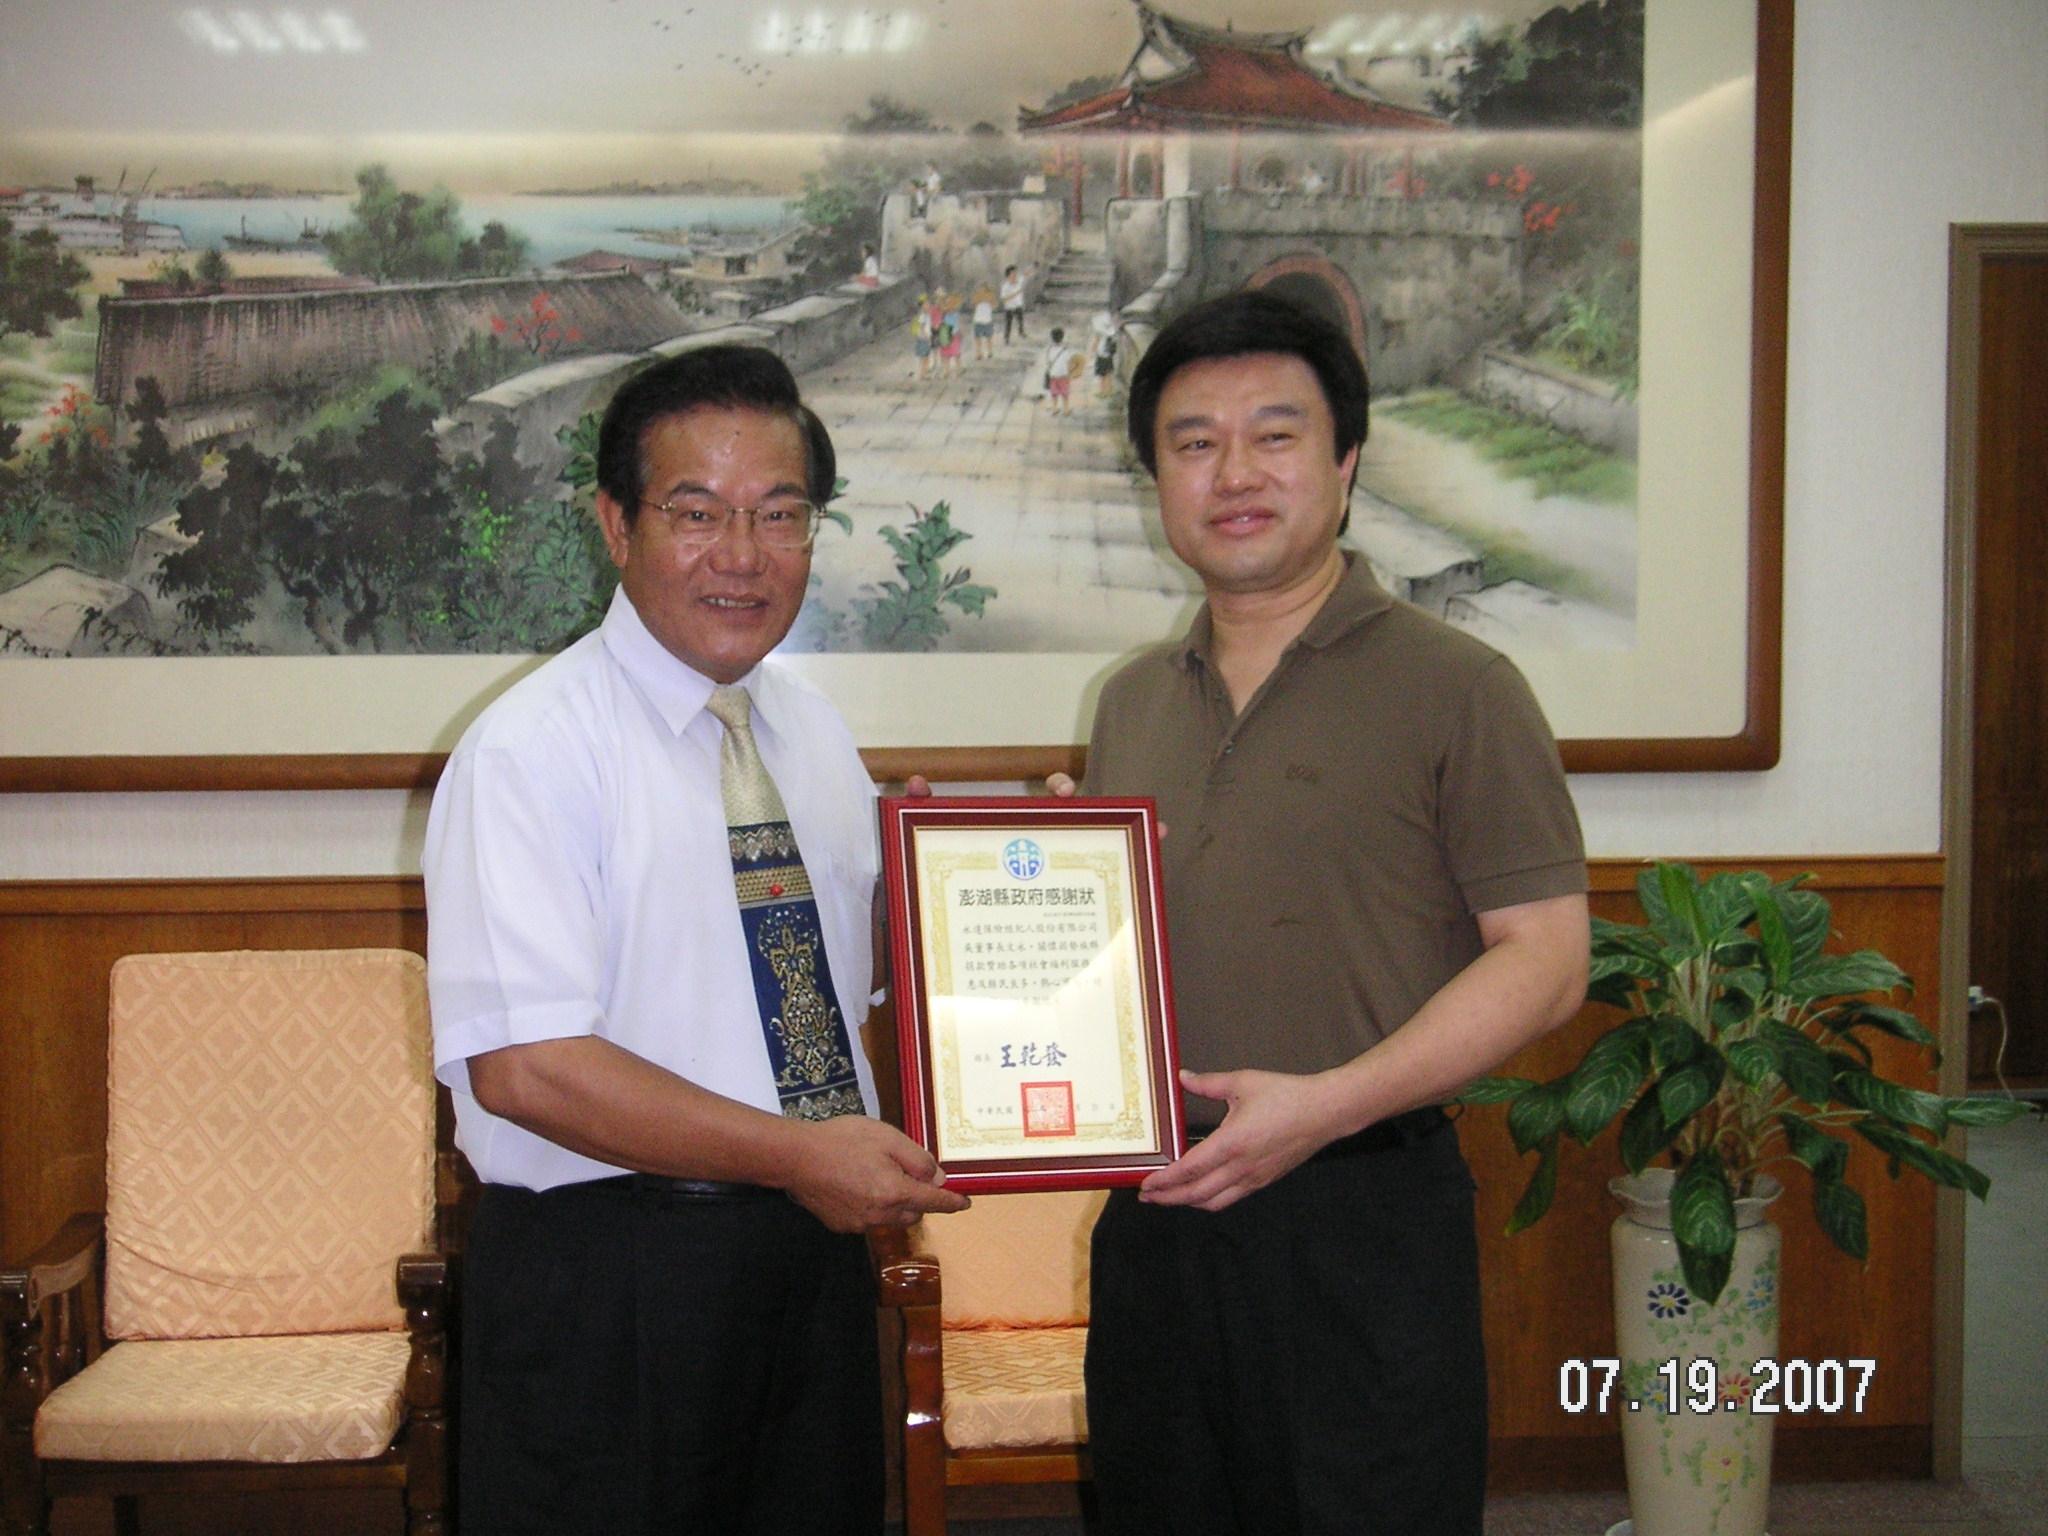 捐贈澎湖縣政府輔助器具經費300萬元--授頒感謝狀。